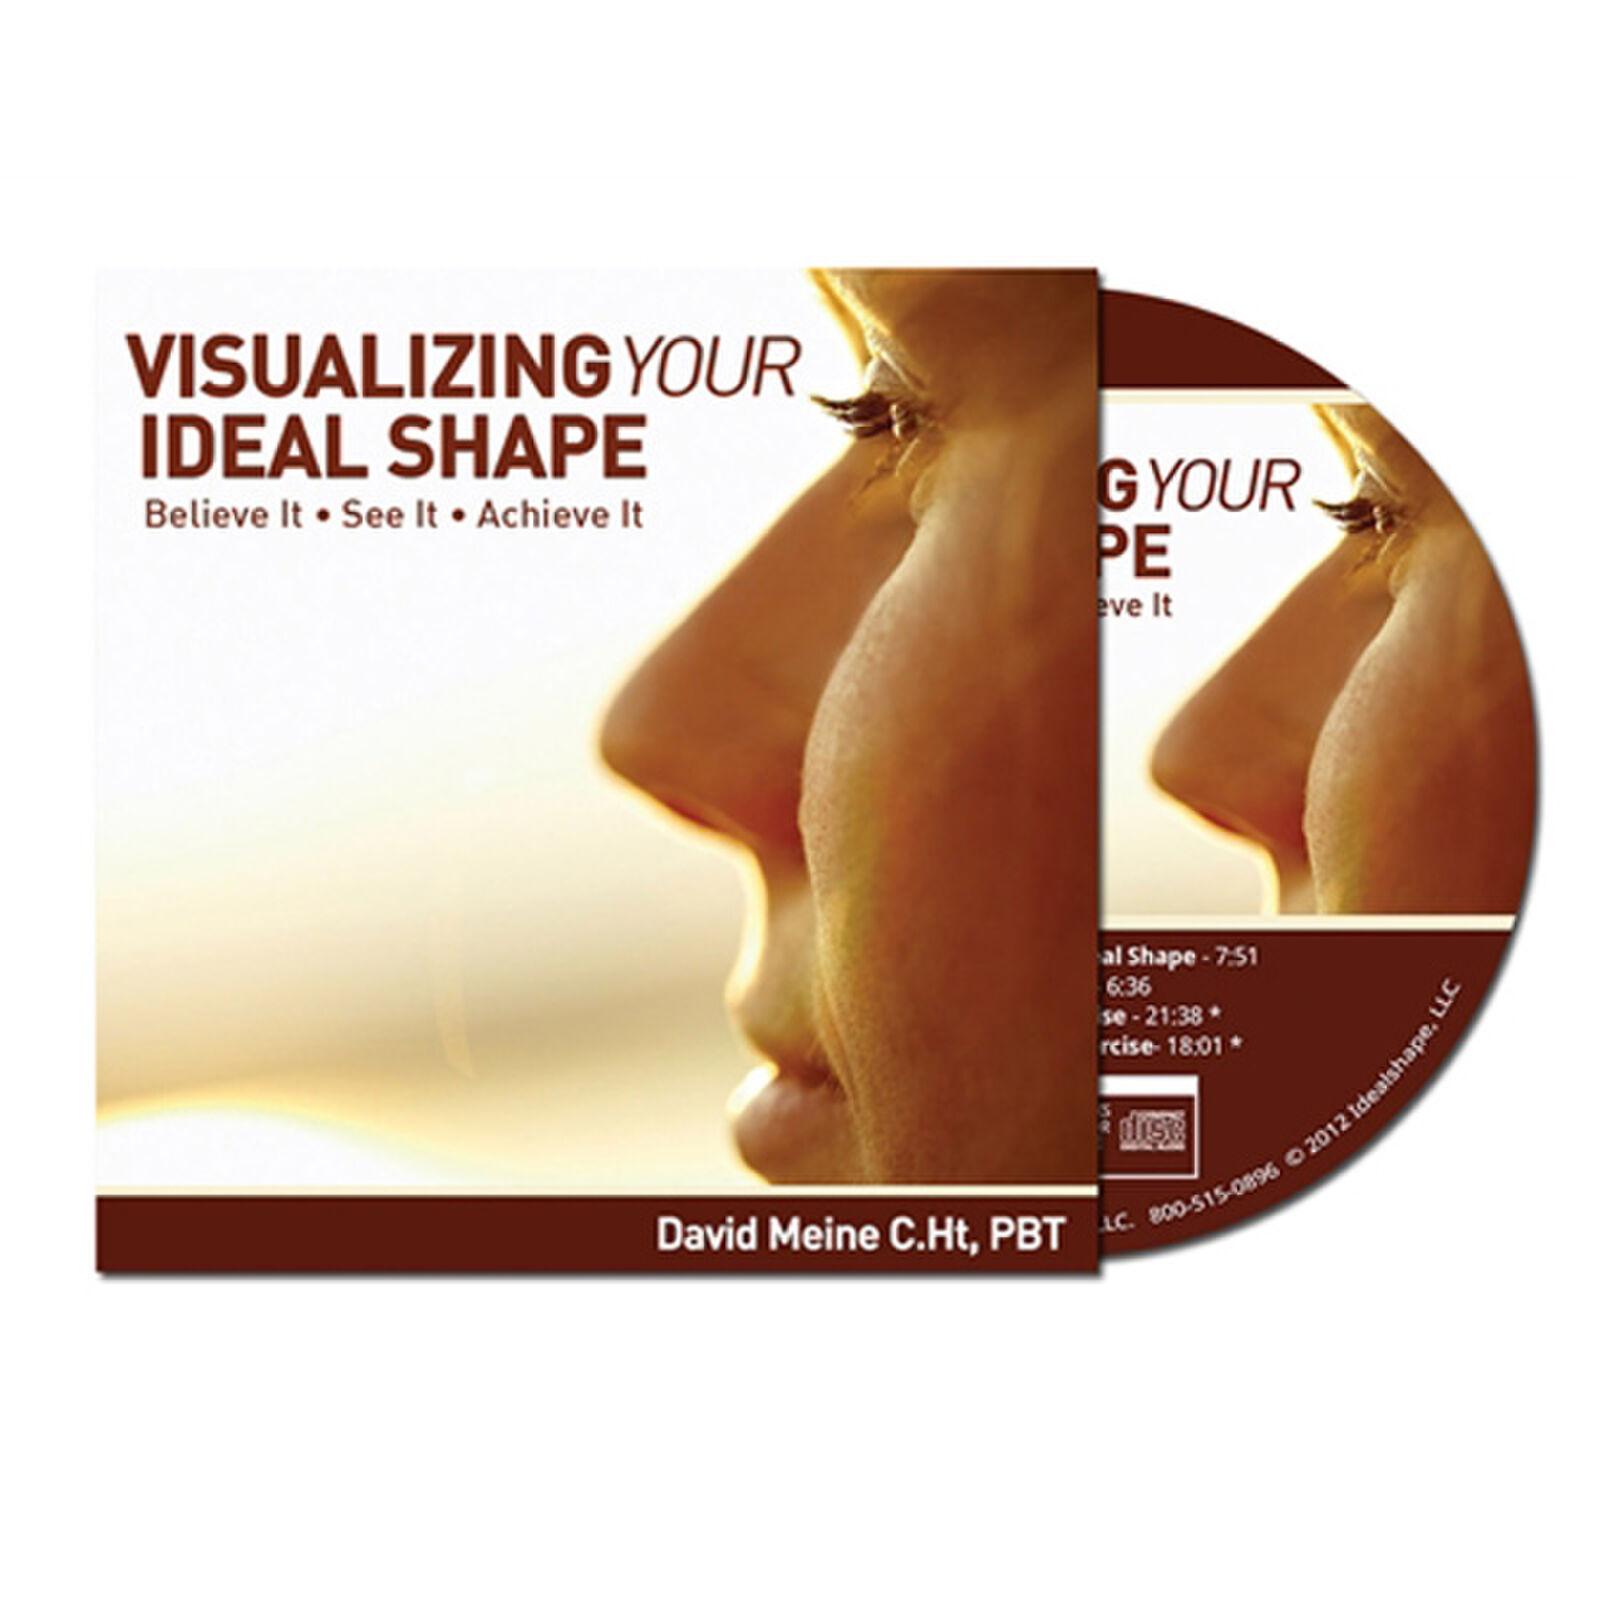 IdealShape Visualizing Your Ideal Shape